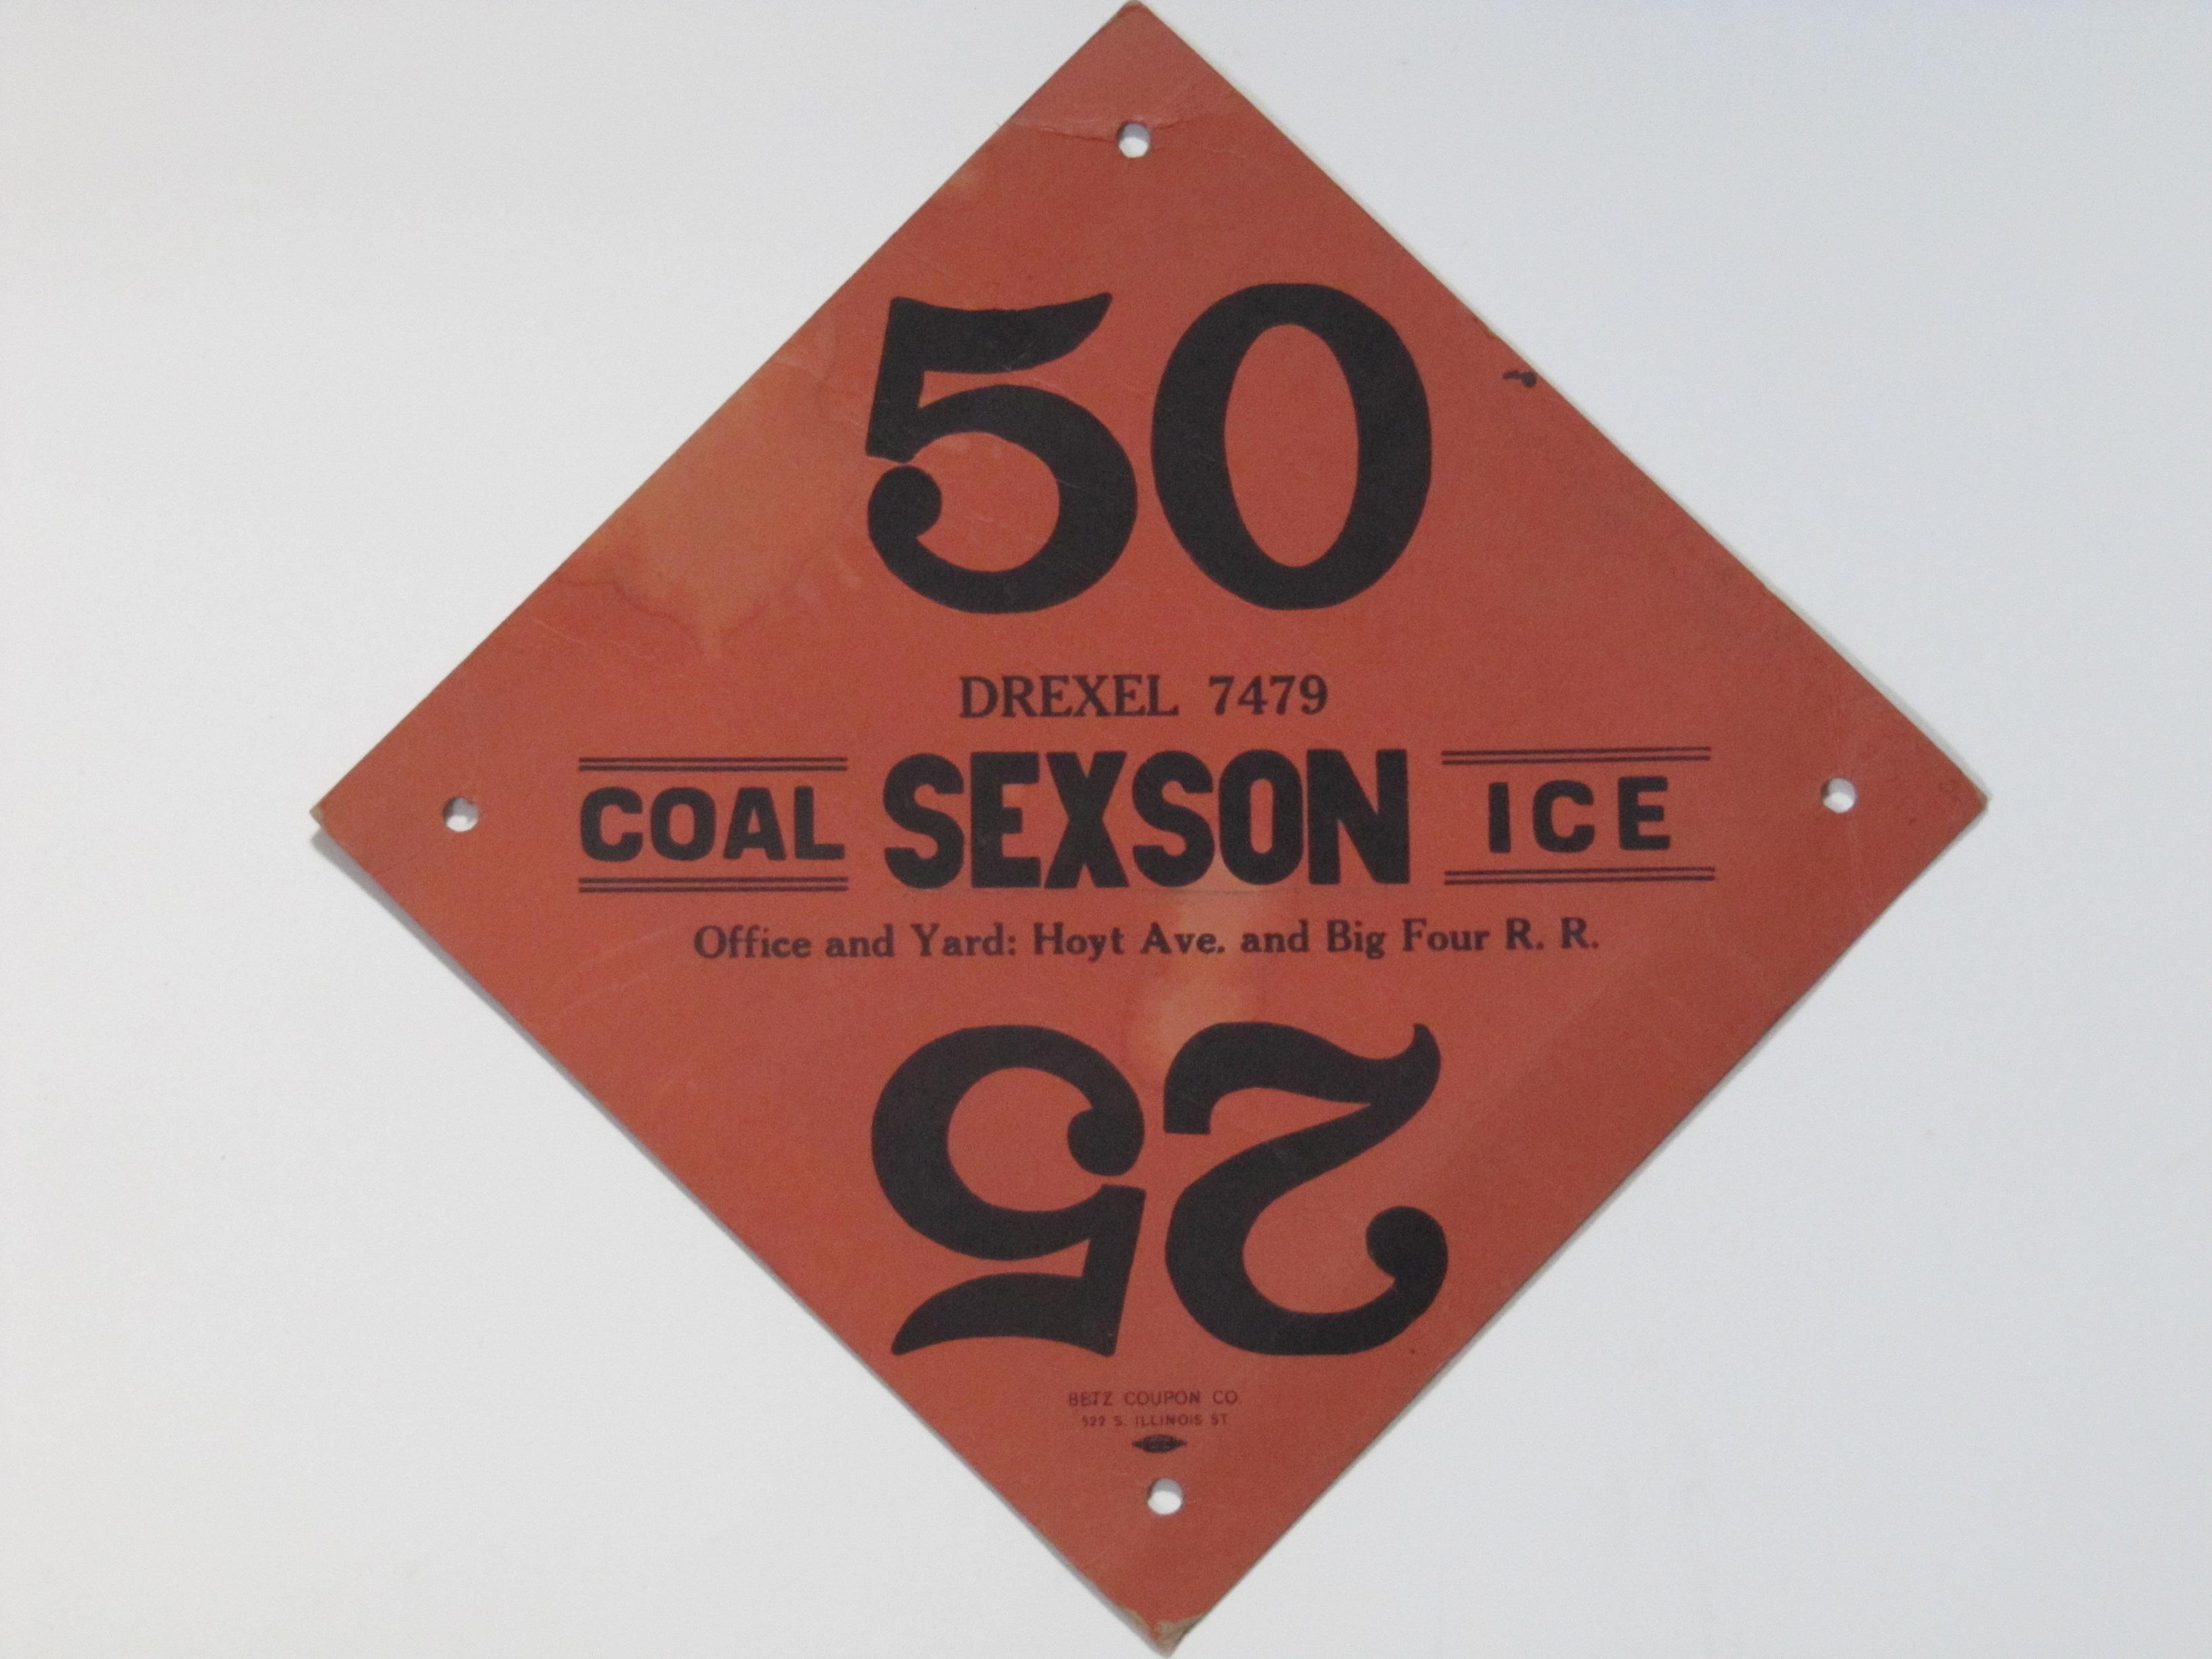 Sexson Ice